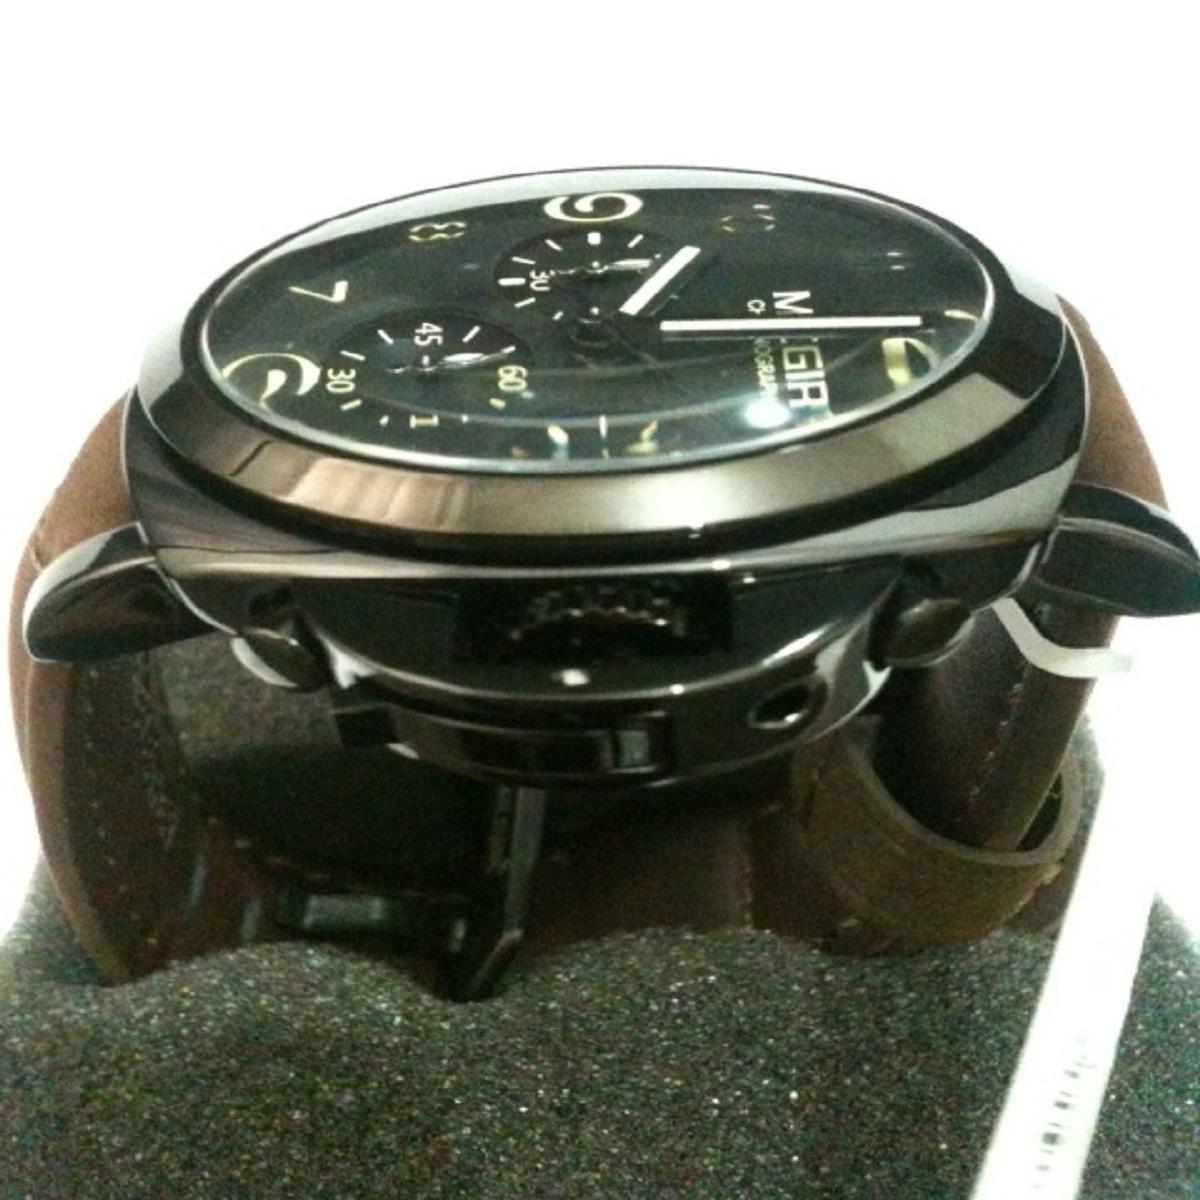 37cd3253c66 relógio masculino pulseira couro original megir 3406. Carregando zoom.